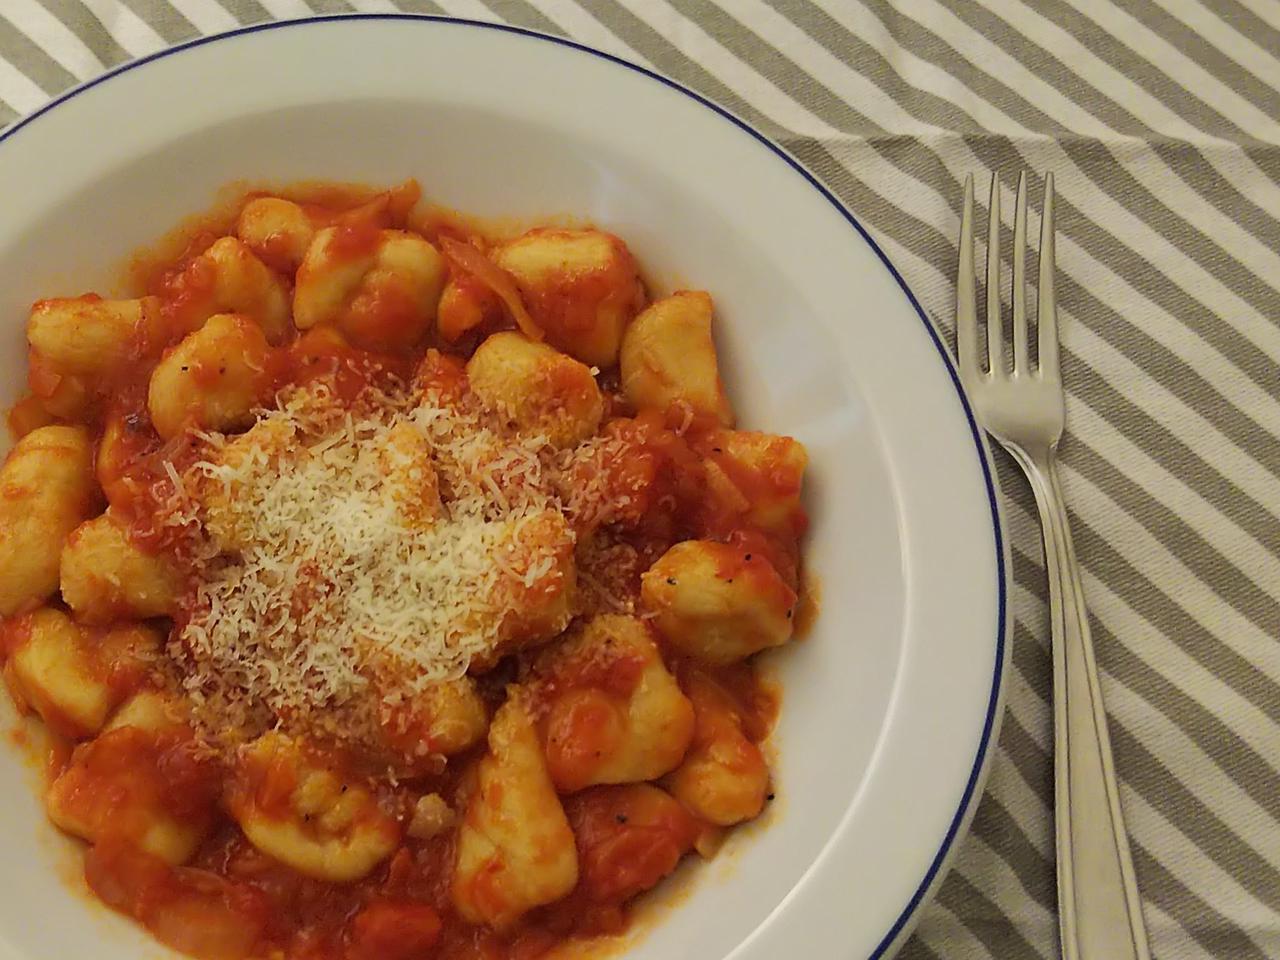 【レシピ】イタリアンパスタ「ニョッキ」をじゃがいもで作っちゃお!ソースの作り方も合わせてご紹介